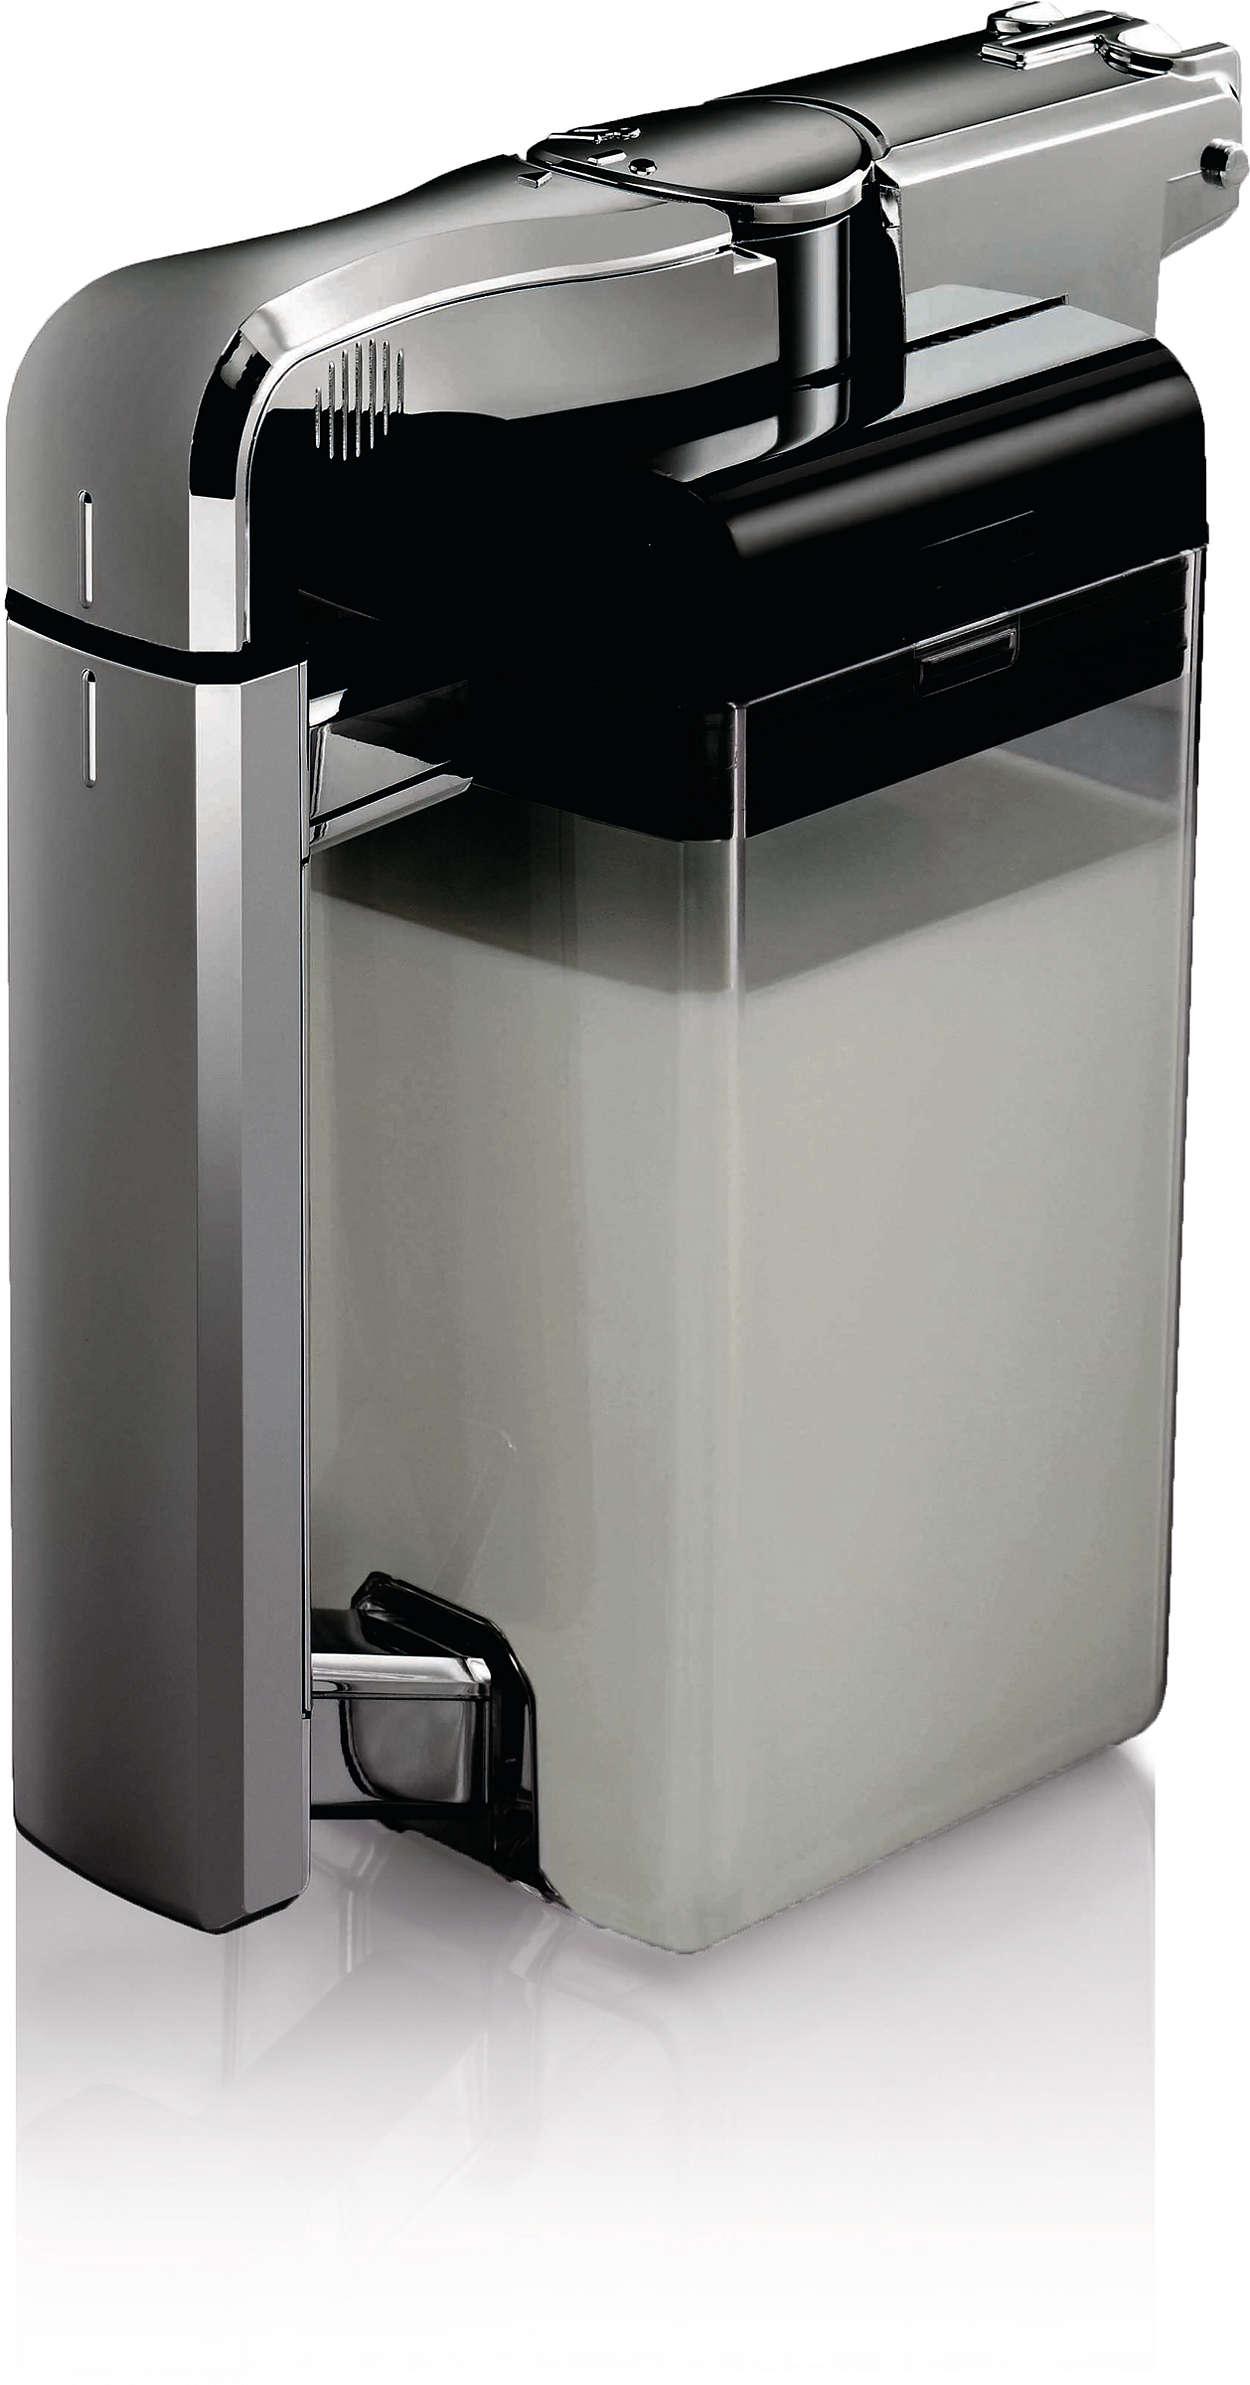 Permet de stocker le lait dans votre machine à café SENSEO®